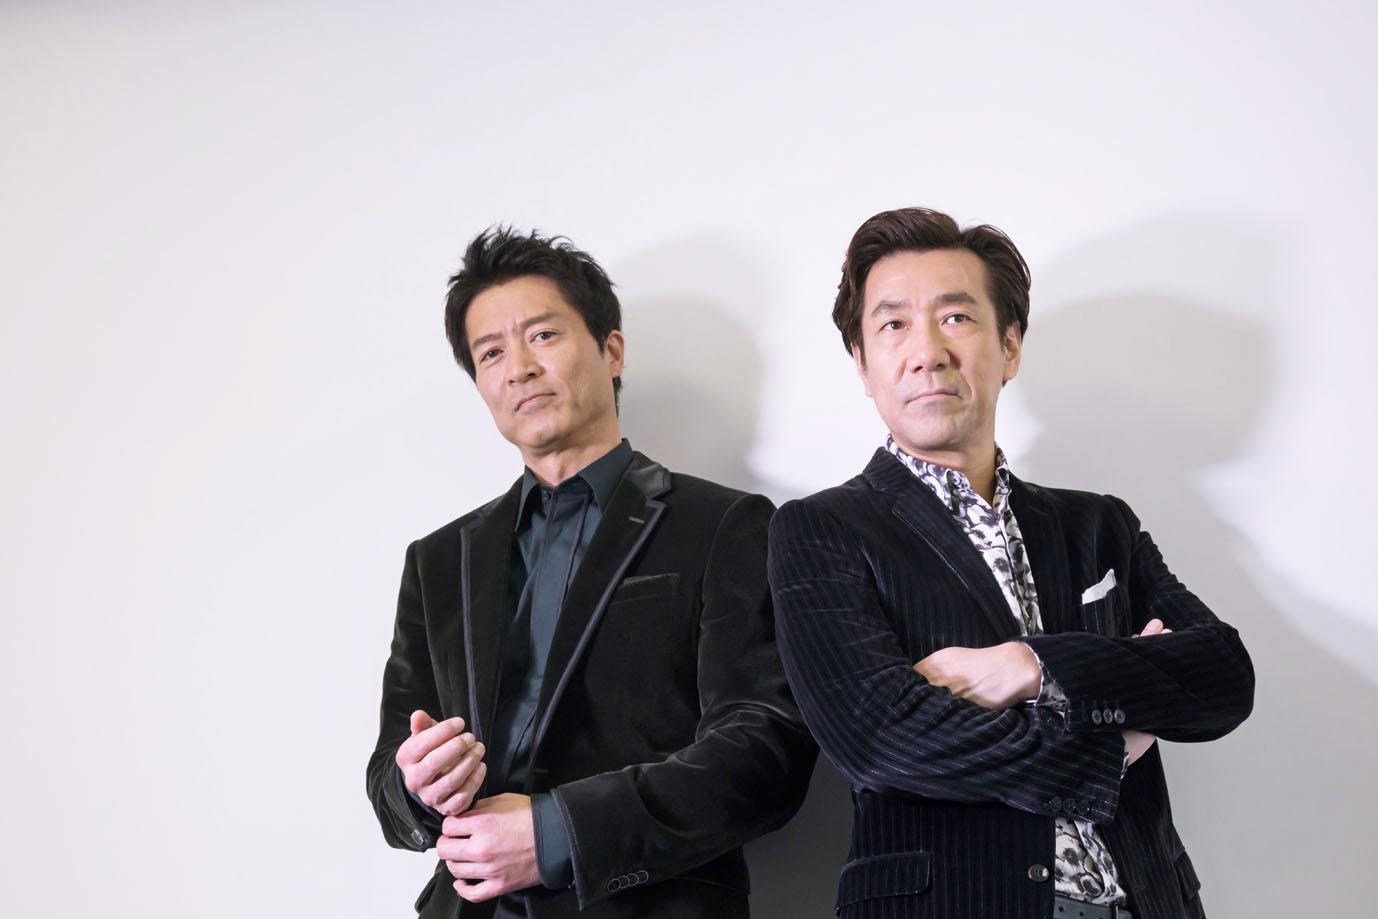 寺脇康文さんと岸谷五朗さん